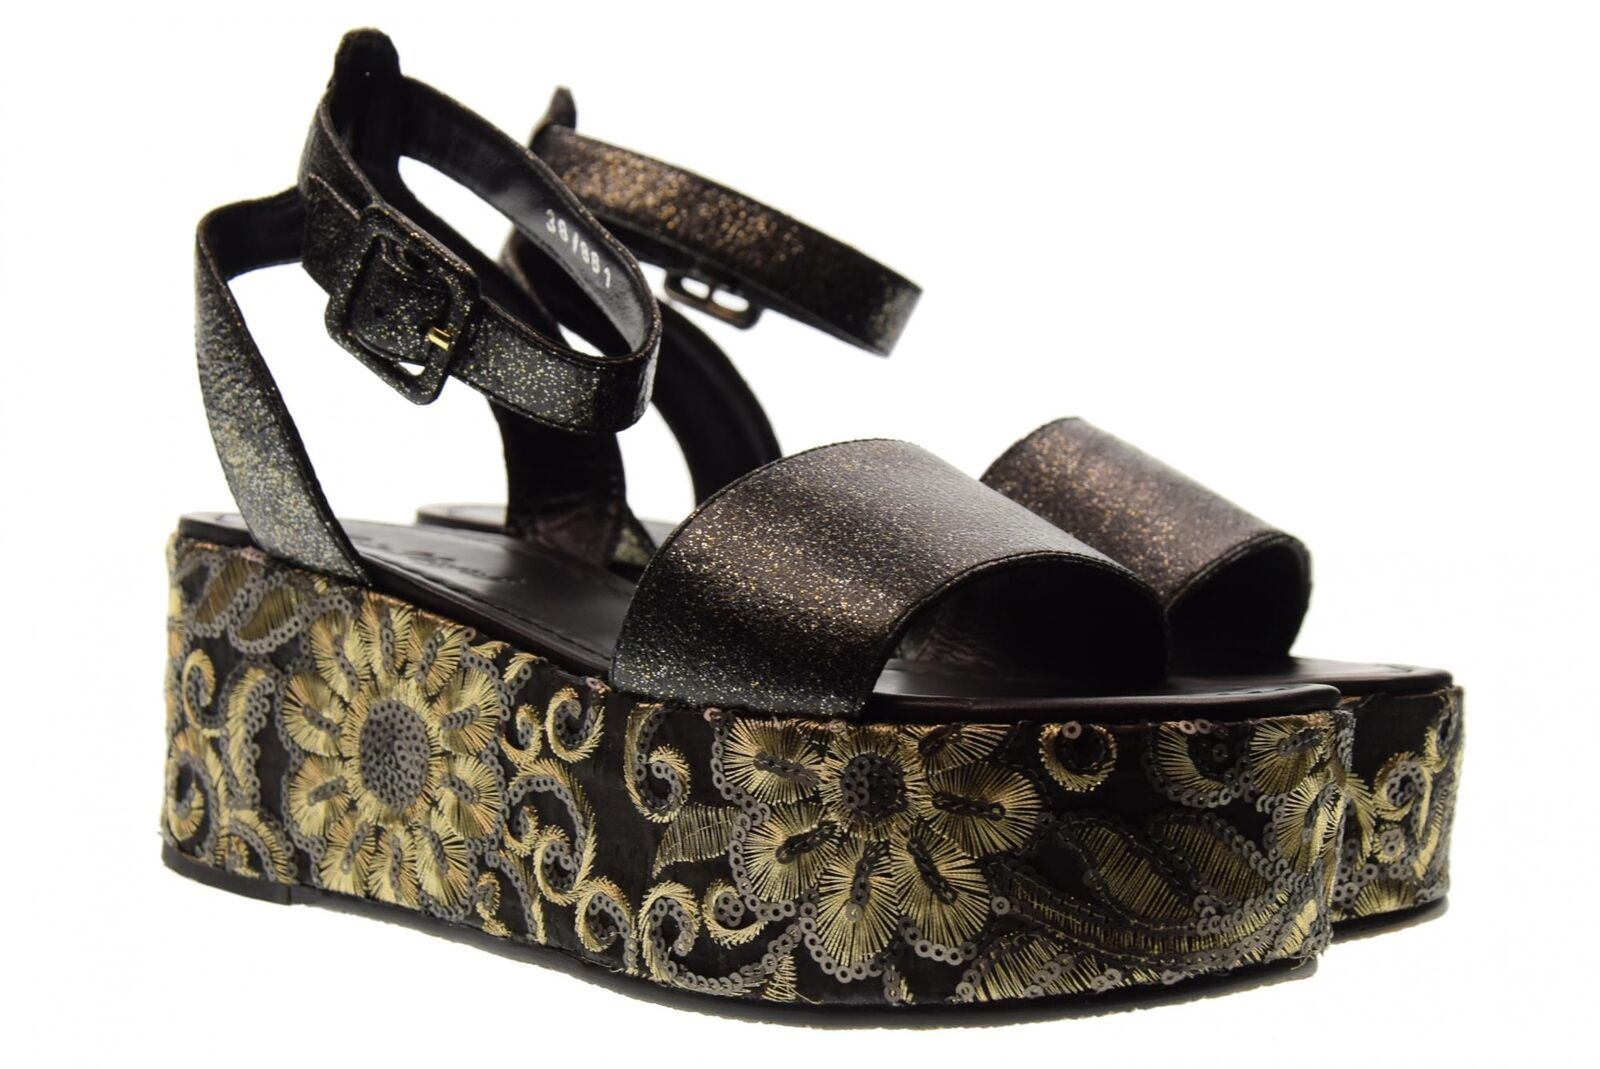 CRIS vergre 'Chaussures Femme Sandales h0802x Noir p18g